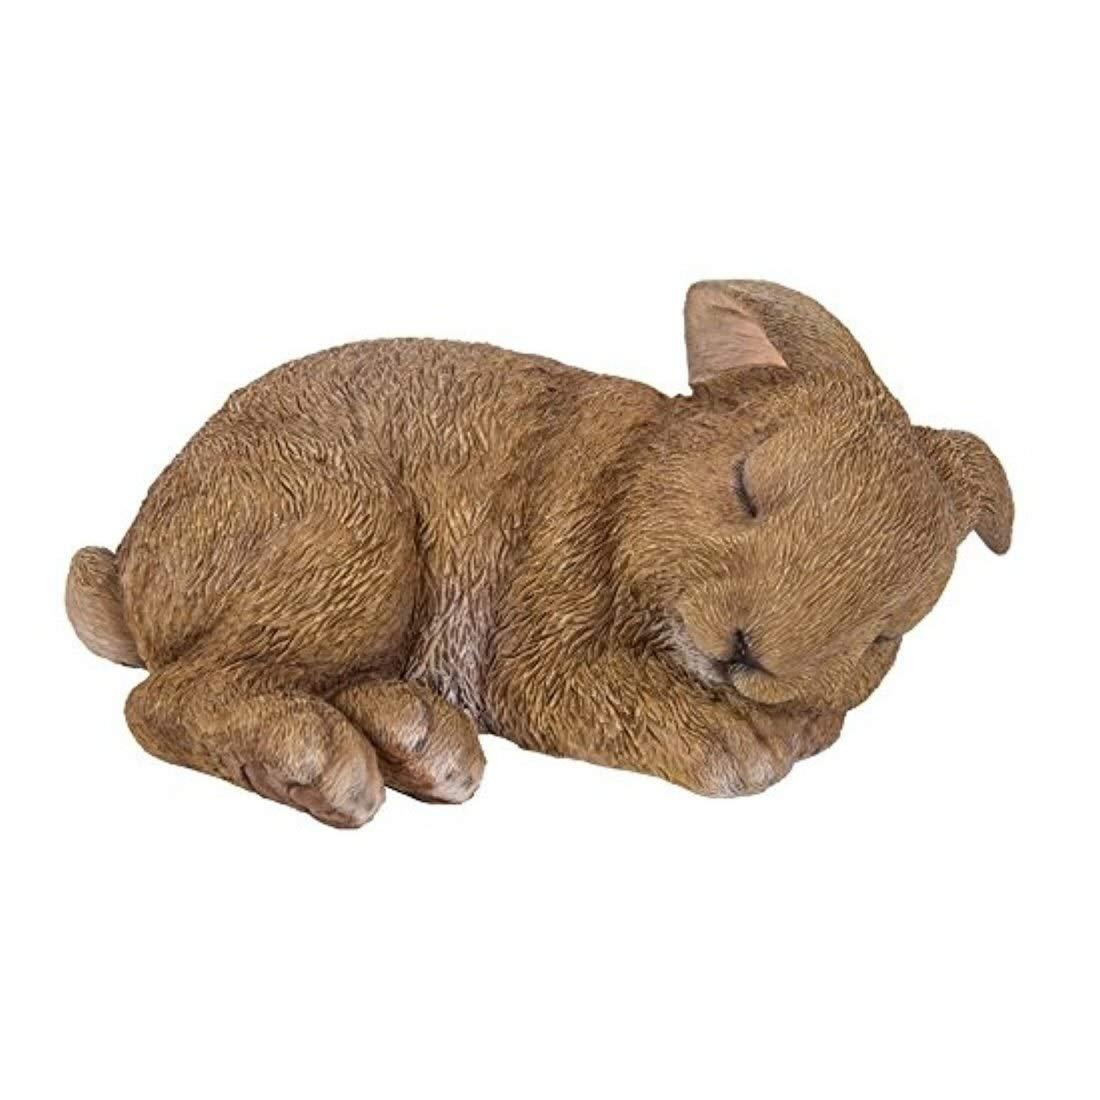 Vivid Arts Lapin pour animal domestique Pals- bébé endormi Lapin (Taille E)